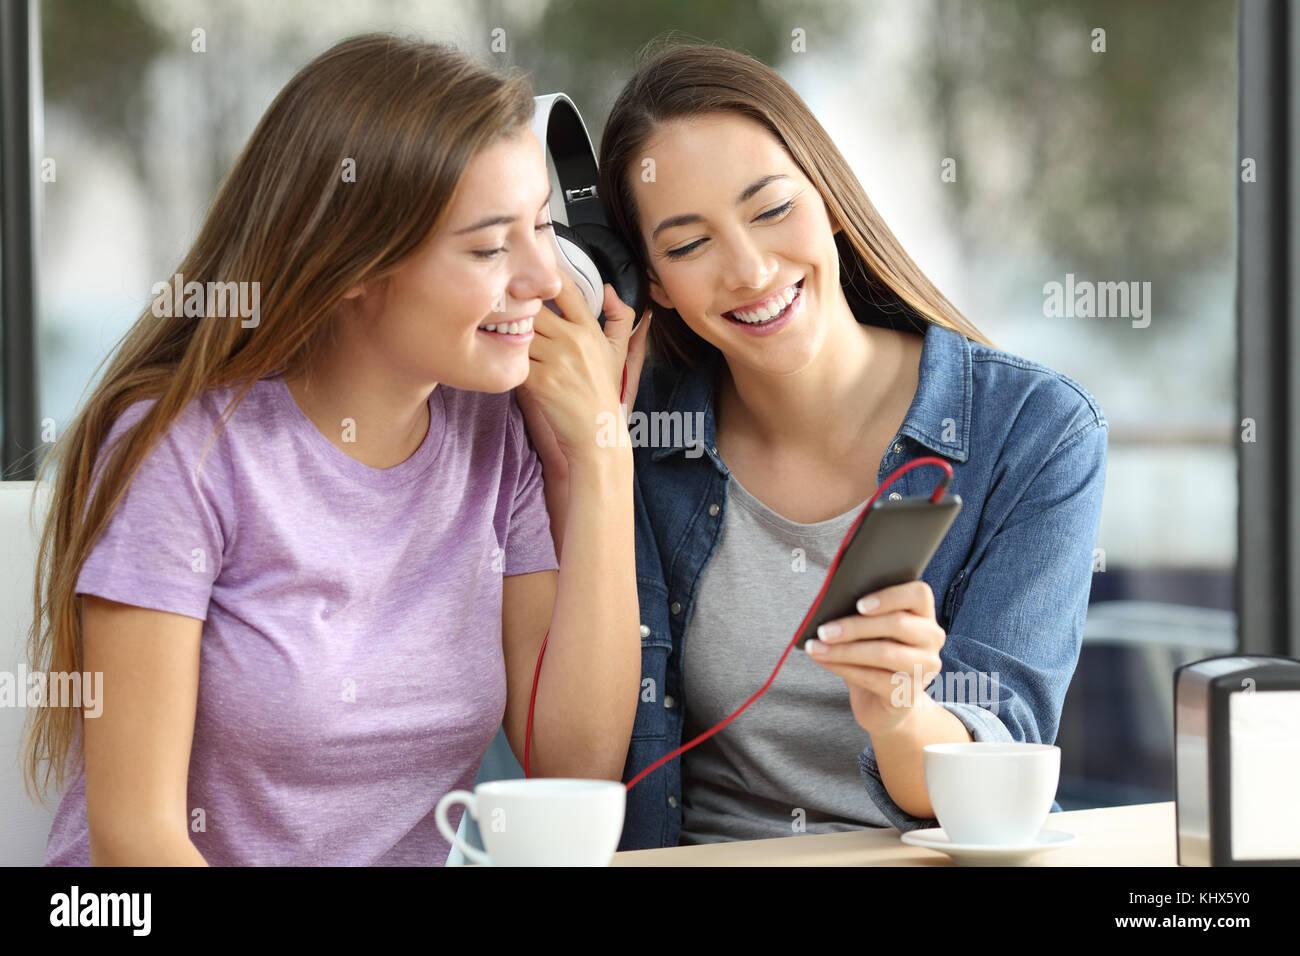 Deux amis heureux partage sur la musique en ligne assis dans un bar Photo Stock